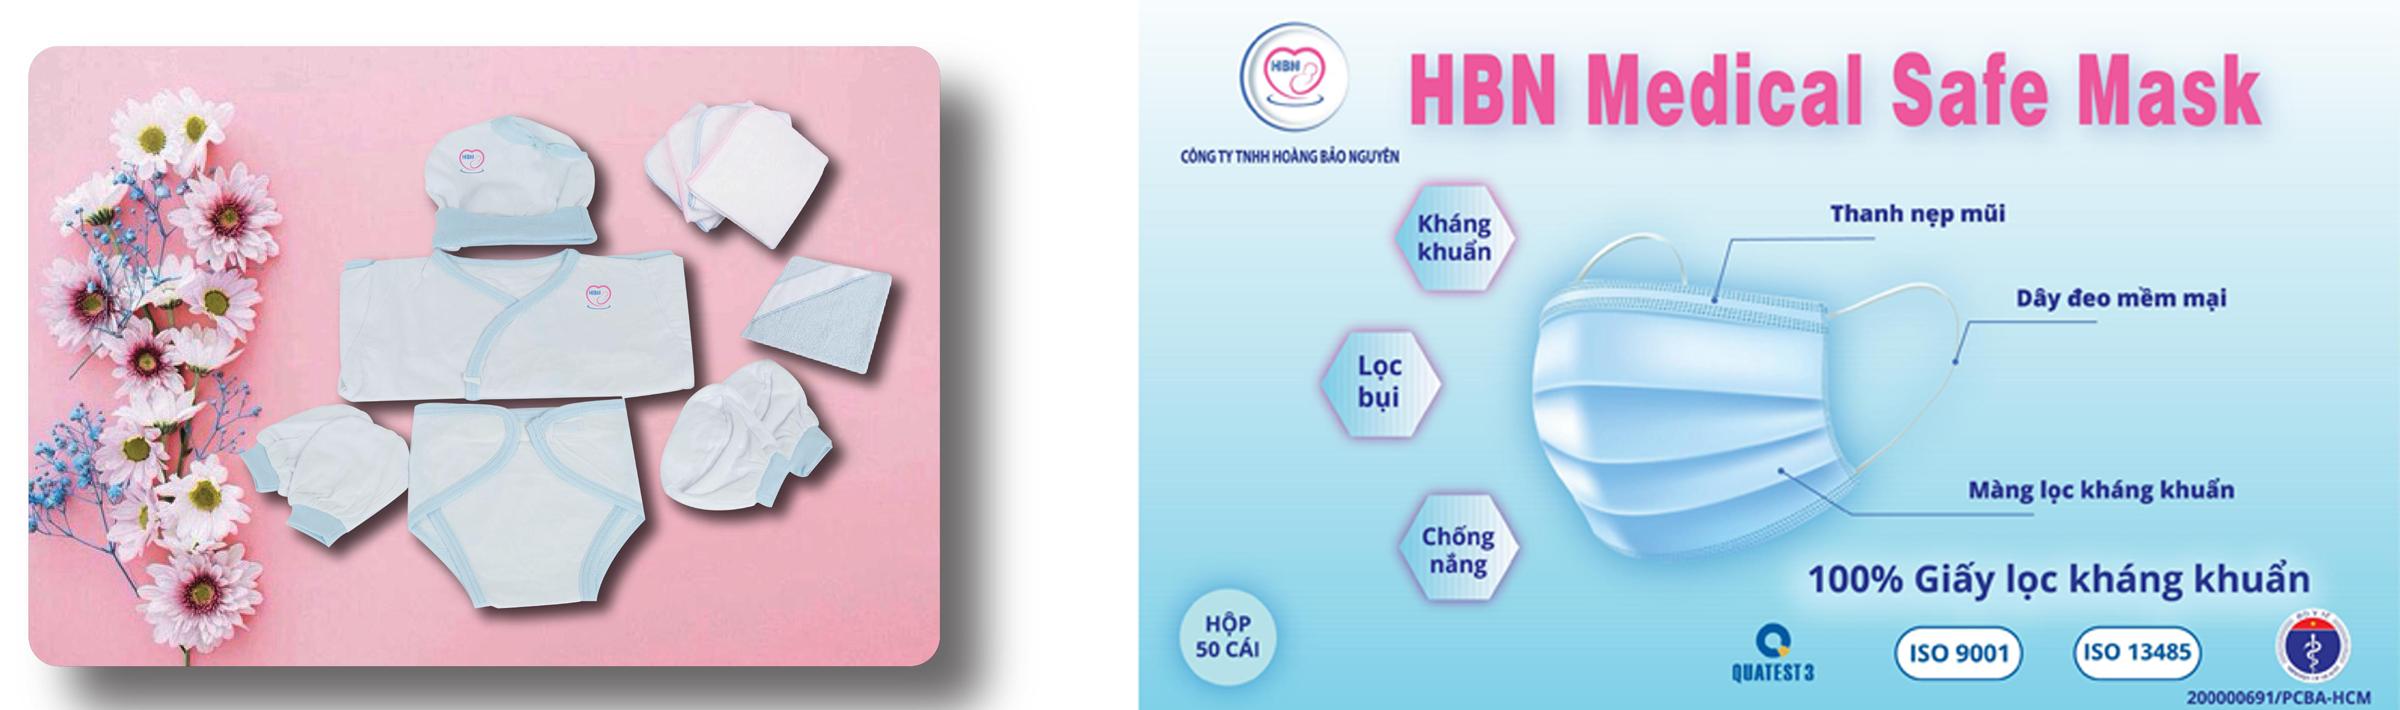 slide-hbn